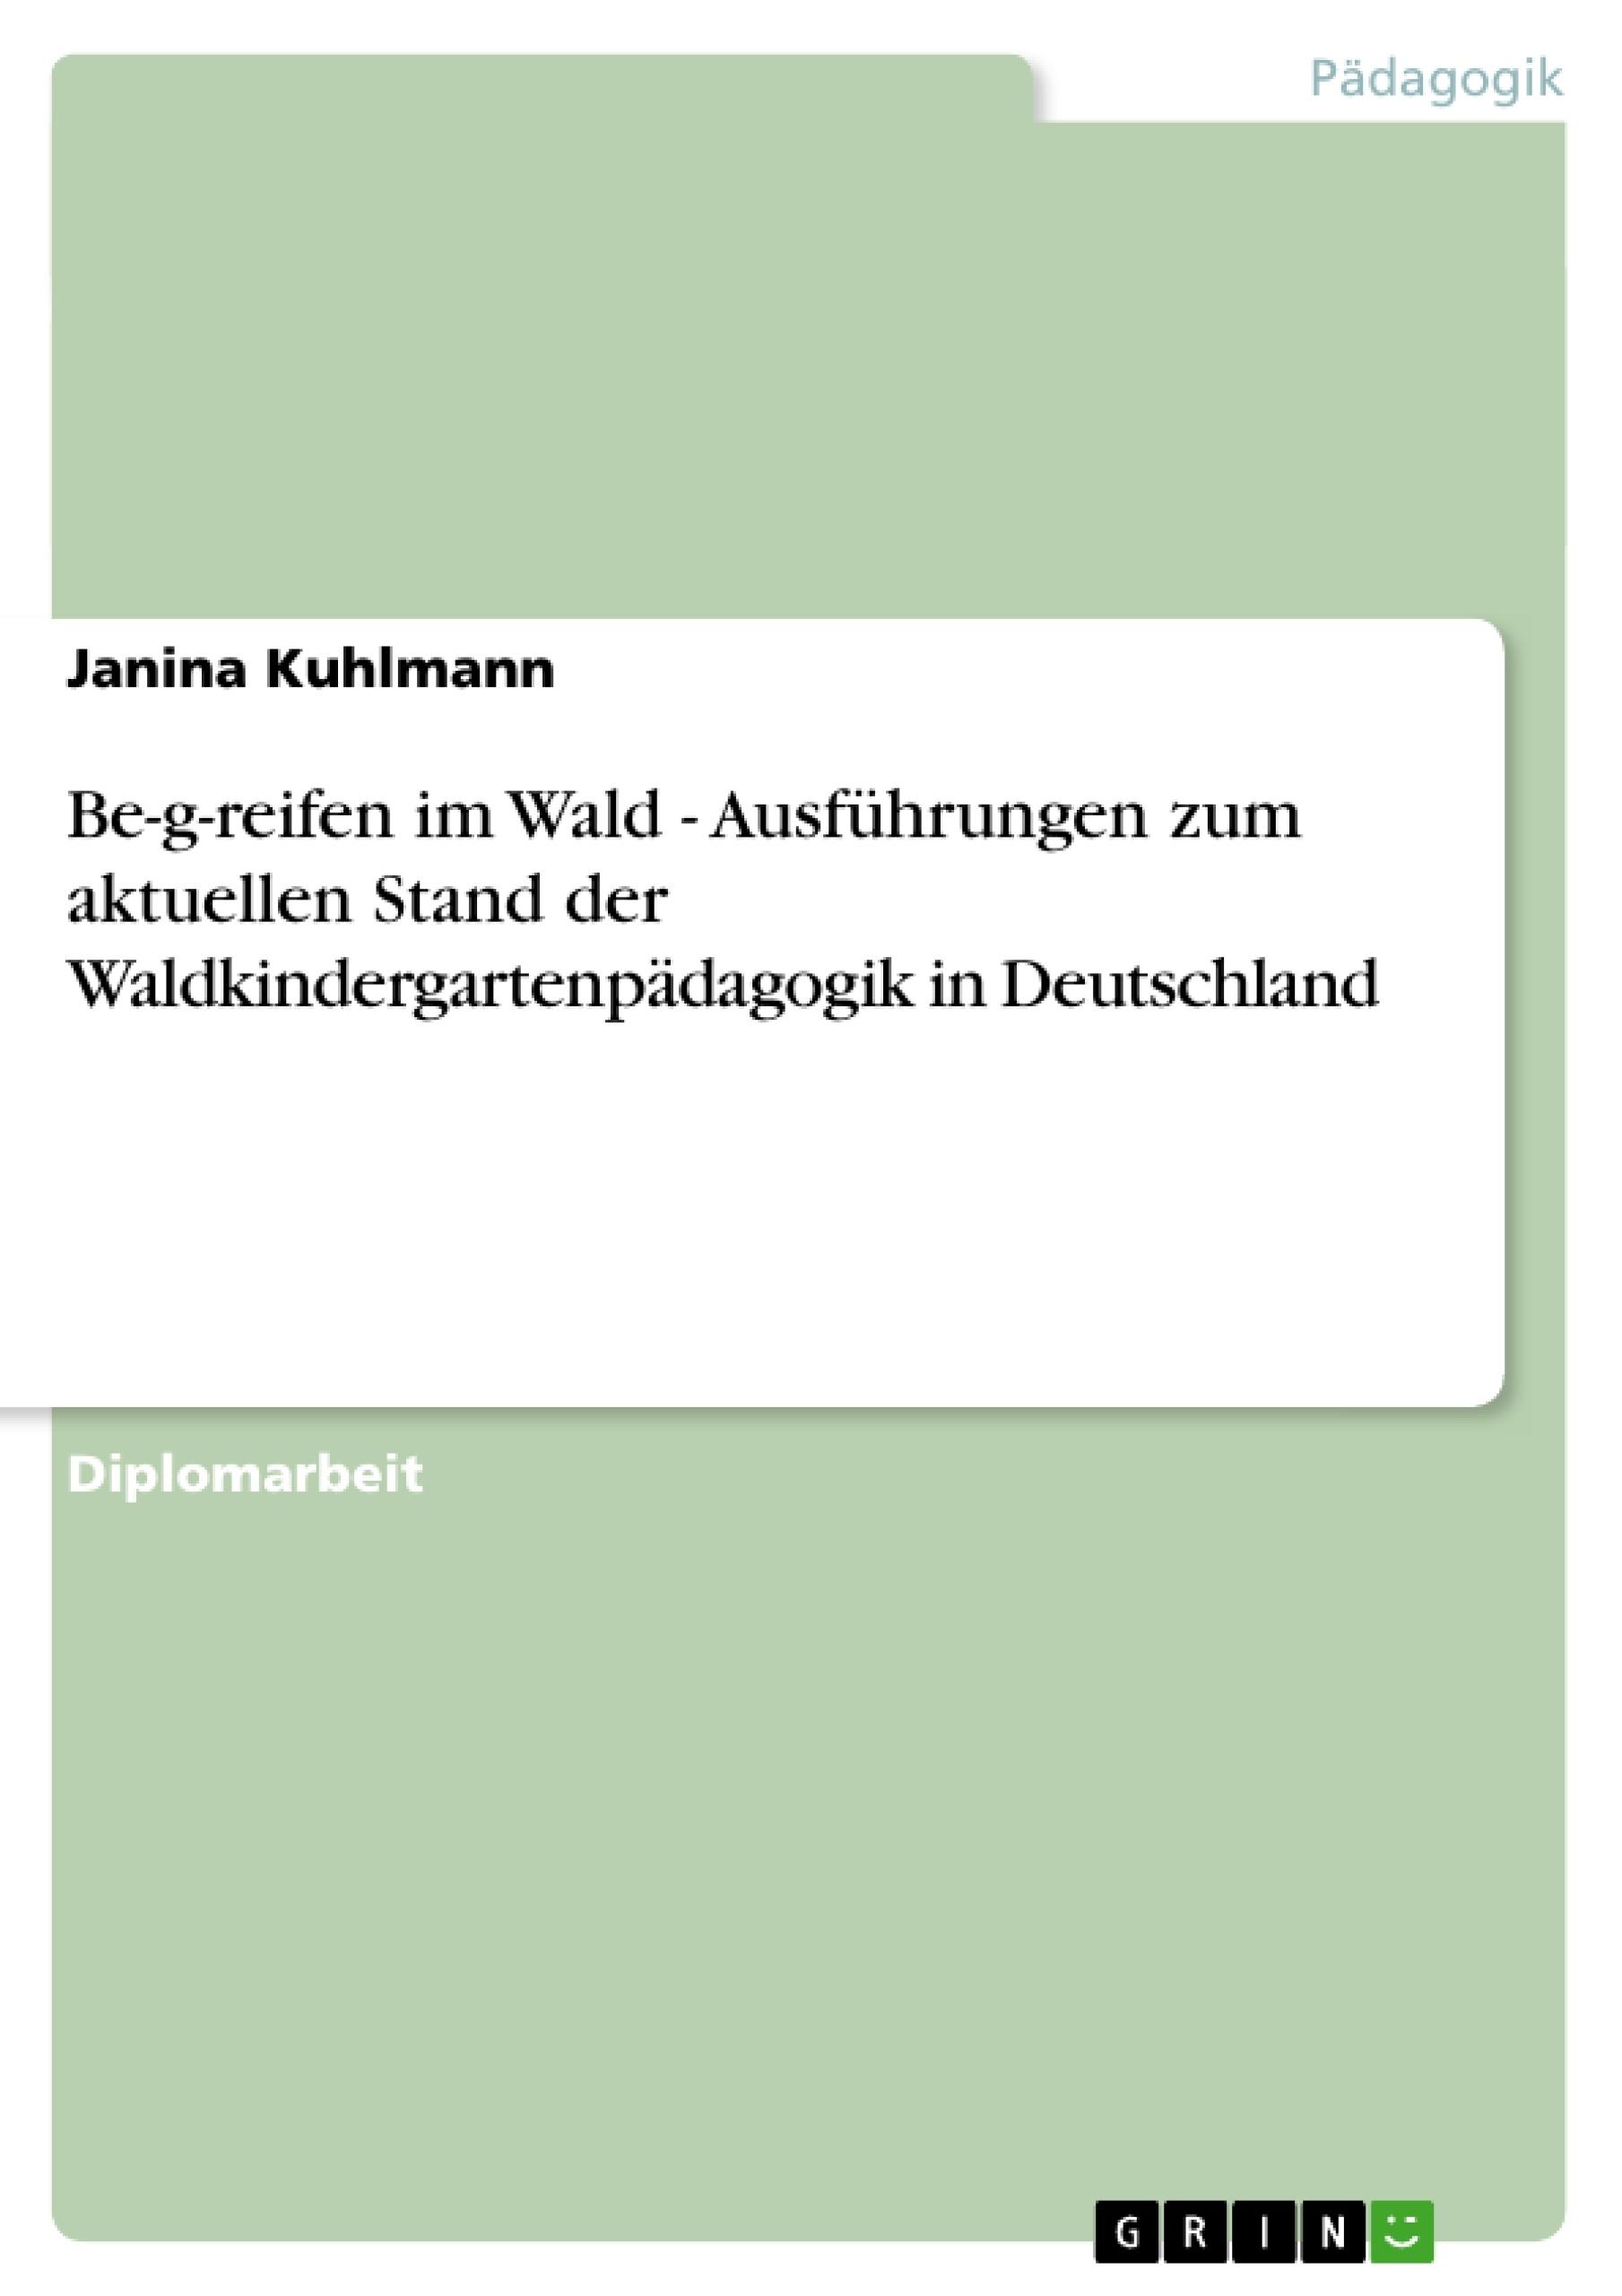 Titel: Be-g-reifen im Wald - Ausführungen zum aktuellen Stand der Waldkindergartenpädagogik in Deutschland